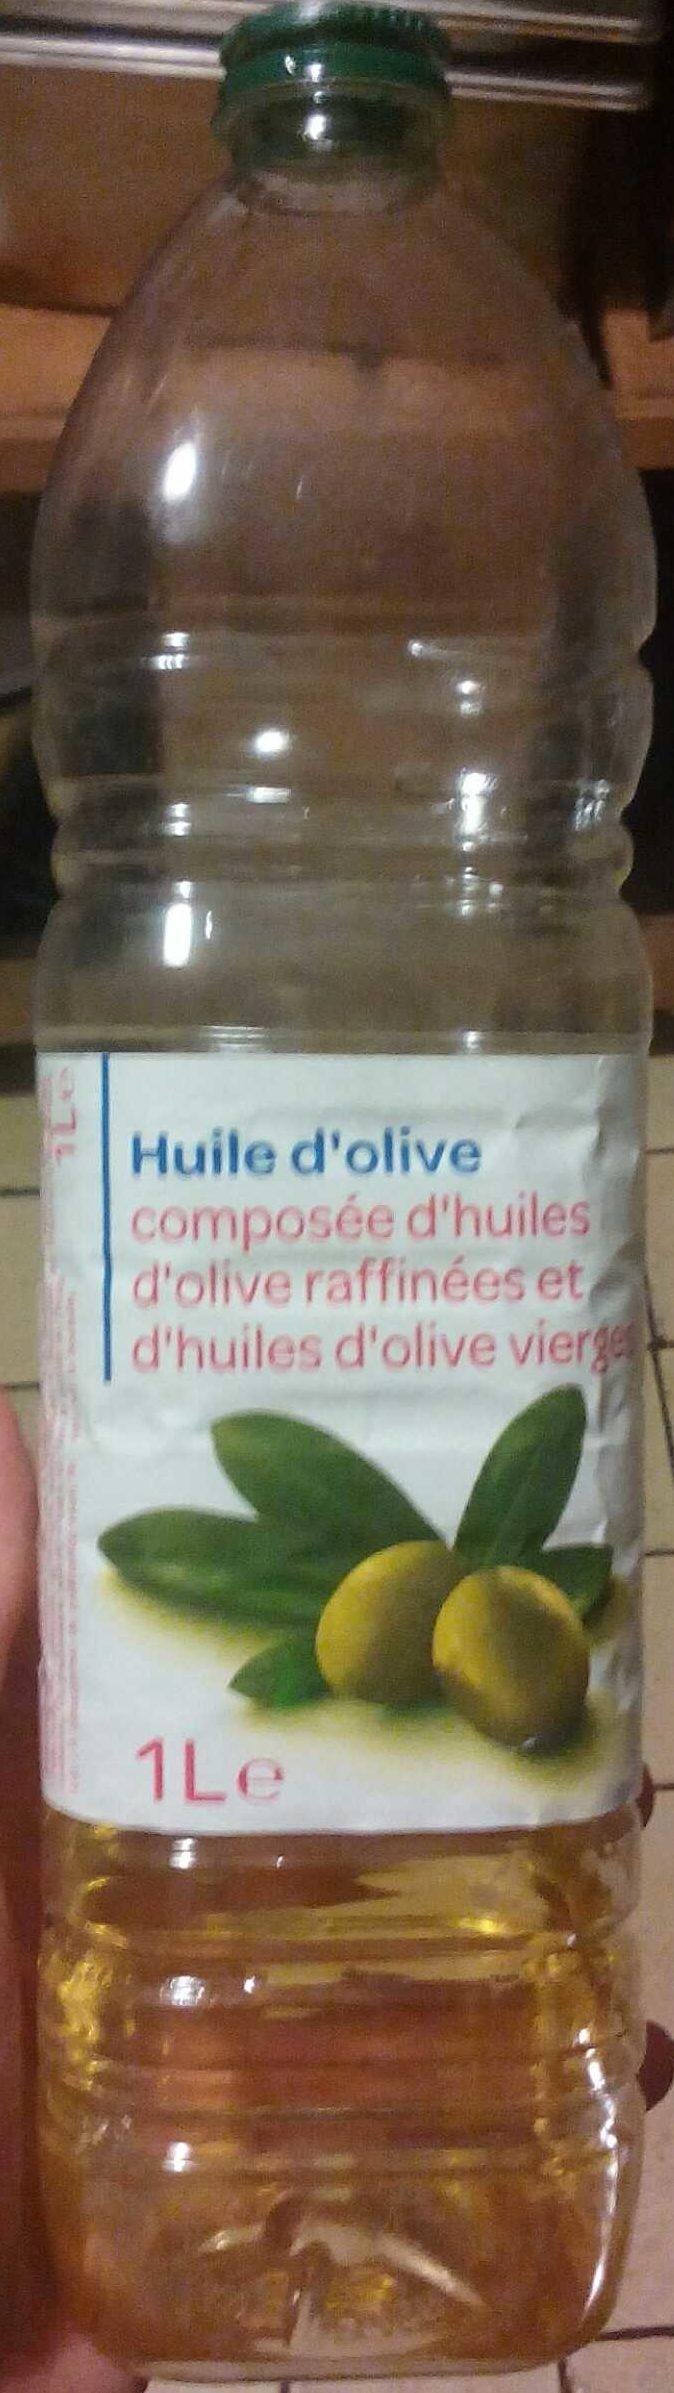 Huile d'olive - Composée d'huiles d'olive raffinées et d'huiles d'olive vierges - Produit - fr